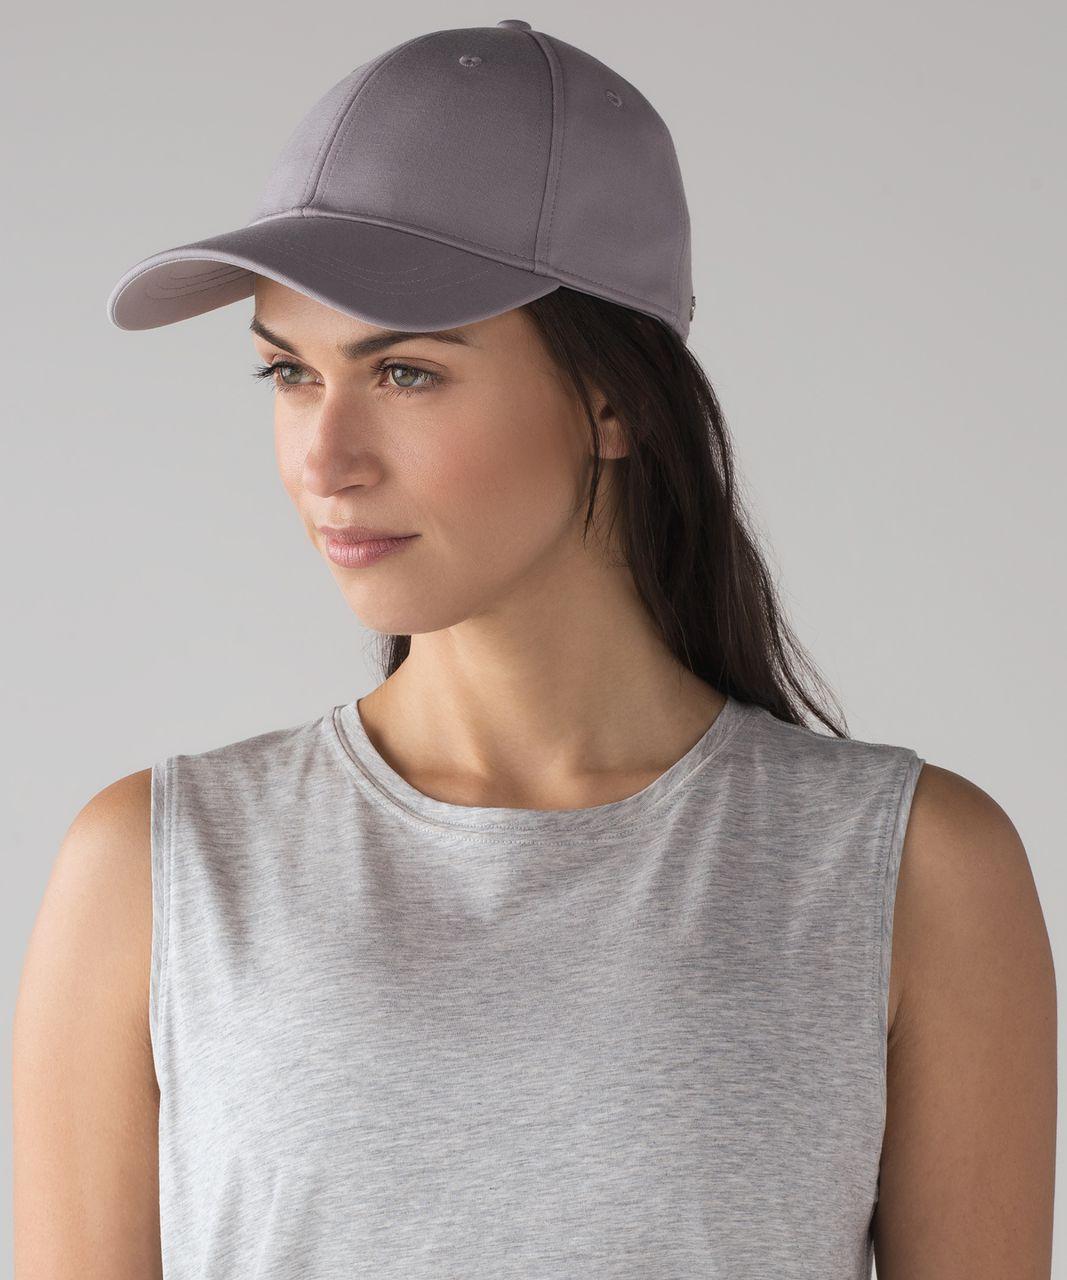 Lululemon Baller Hat - Dark Chrome